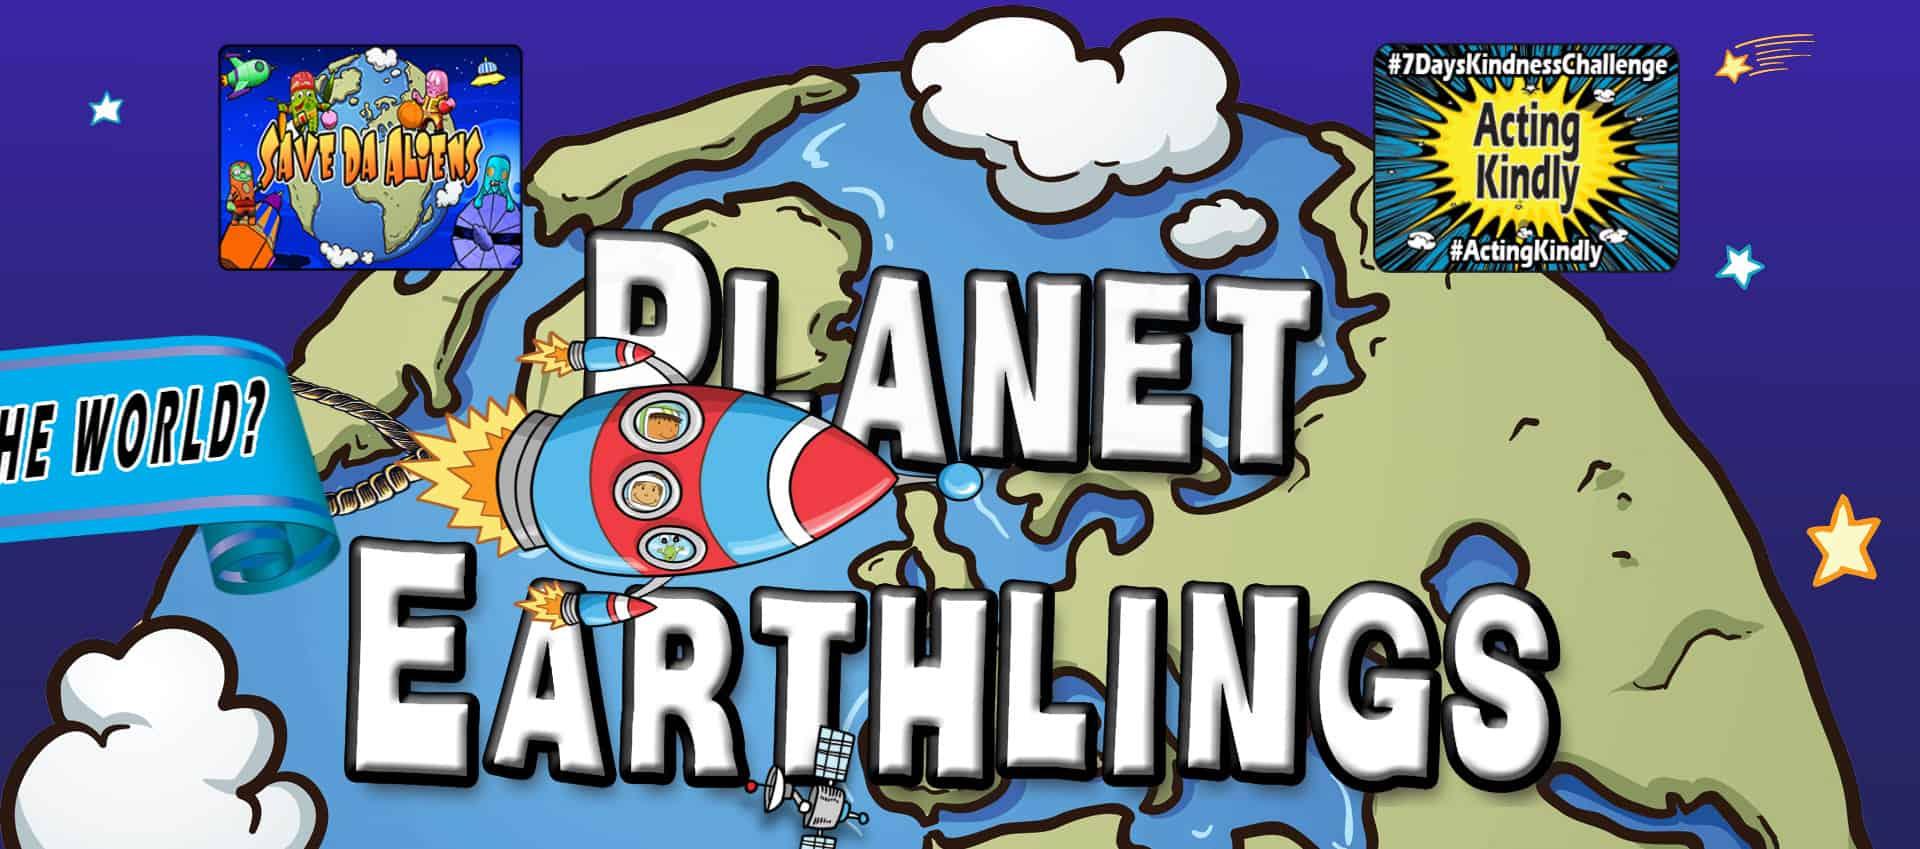 planet_earthlings